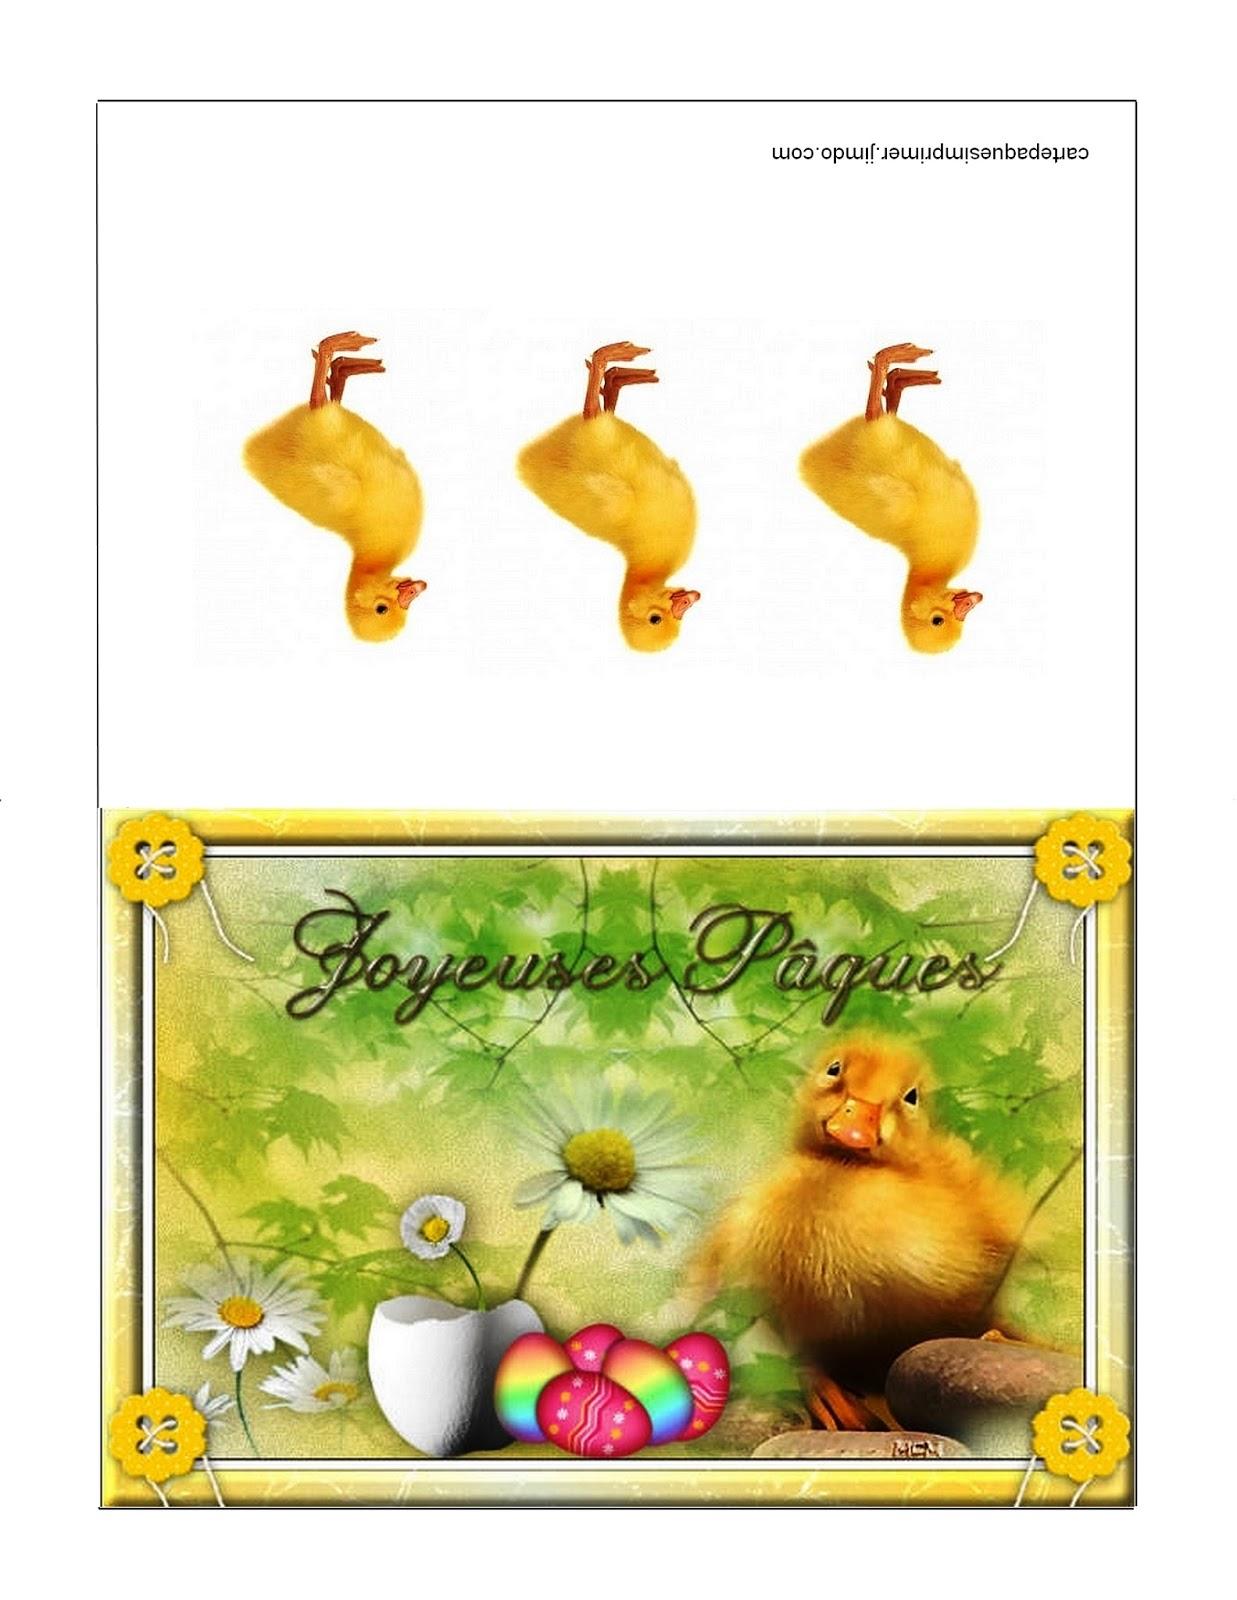 Carte de p ques imprimer gratuites carte p ques imprimer gratuites - Image de paques a imprimer ...